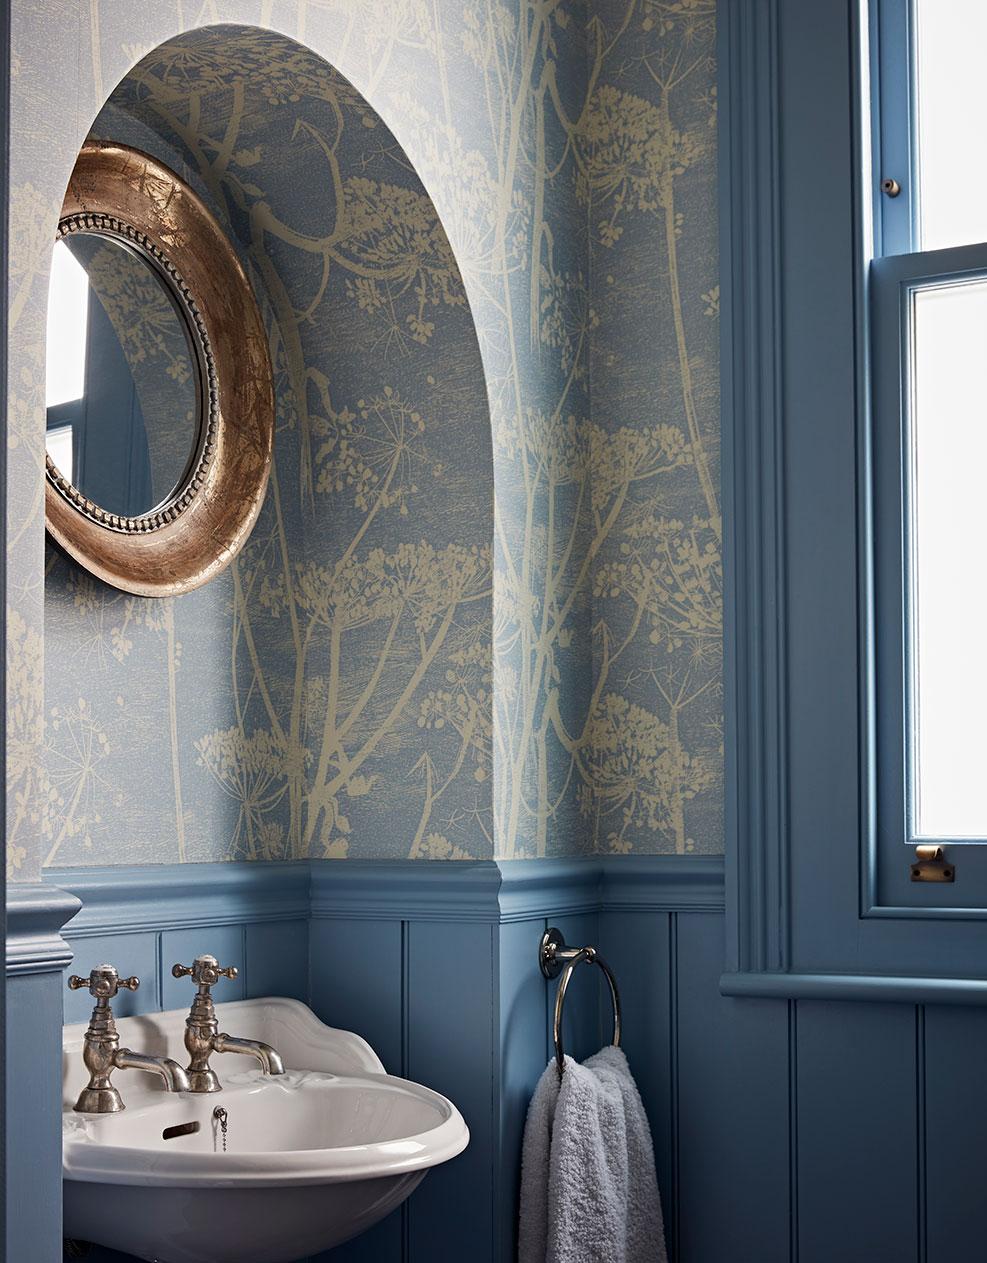 Luxury interior design of London home in blue tones